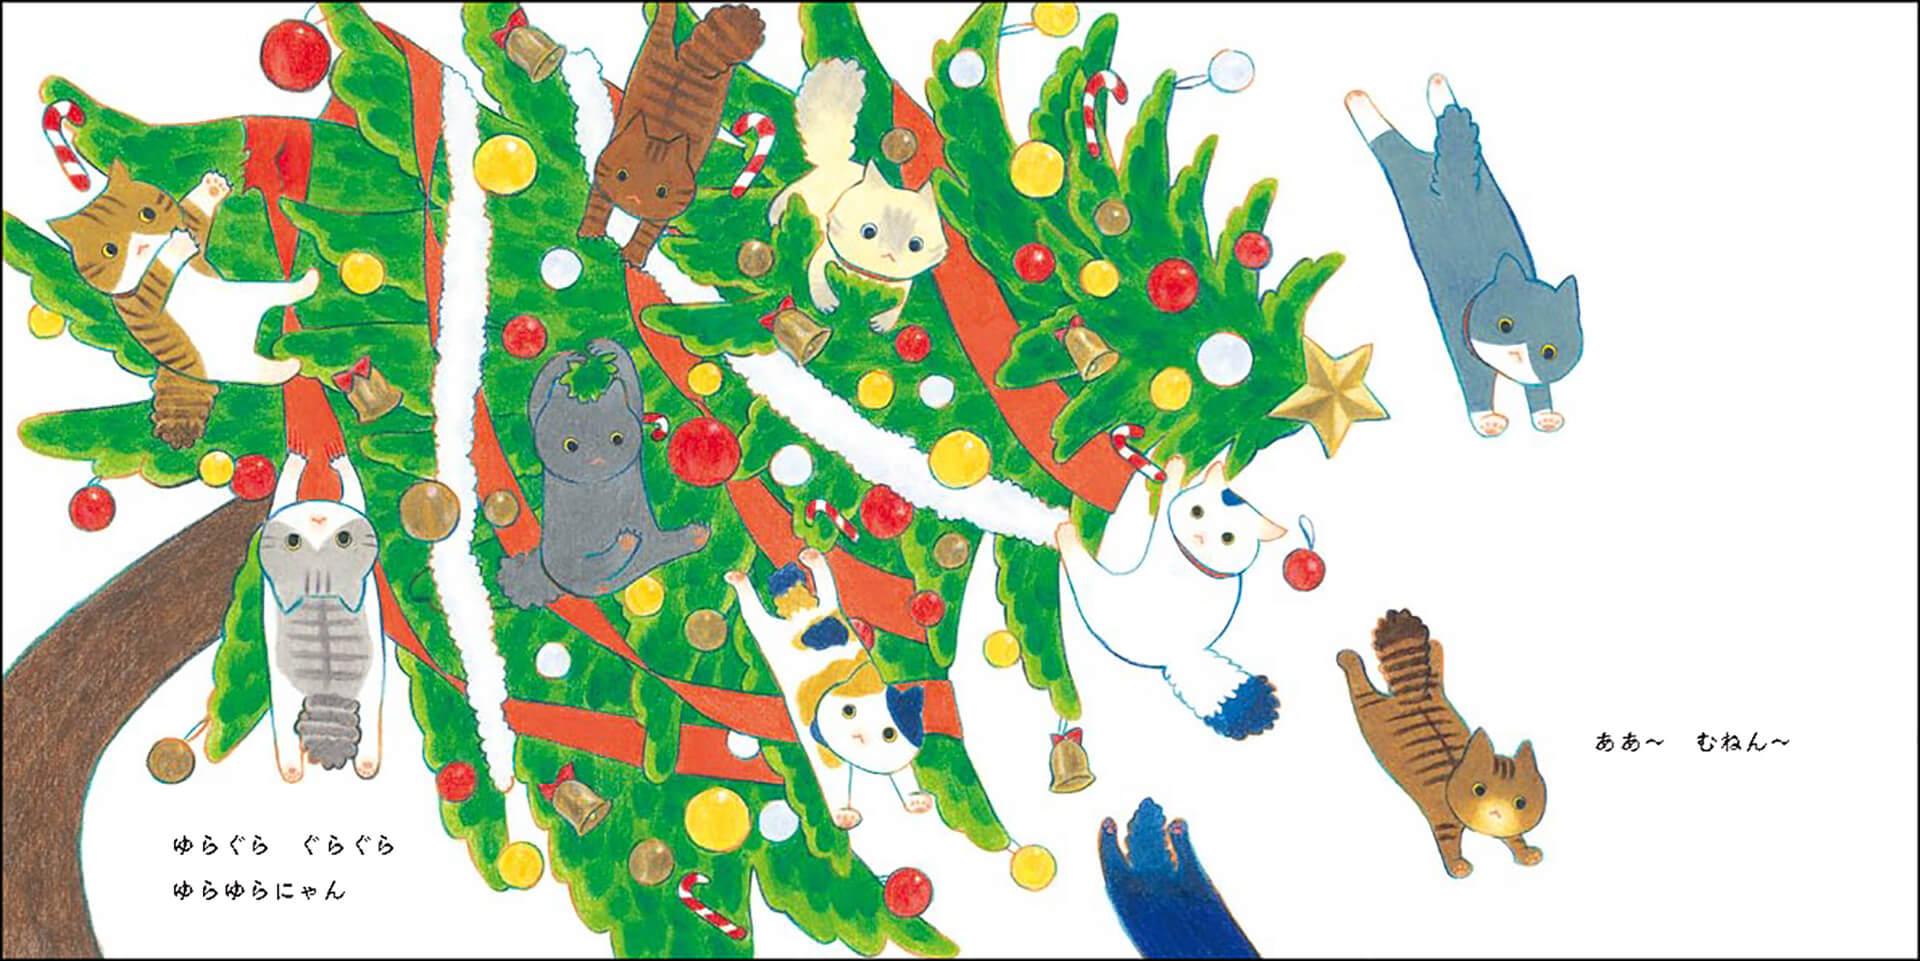 絵本『ももちゃんと じゃまじゃまねこと クリスマス』の動画